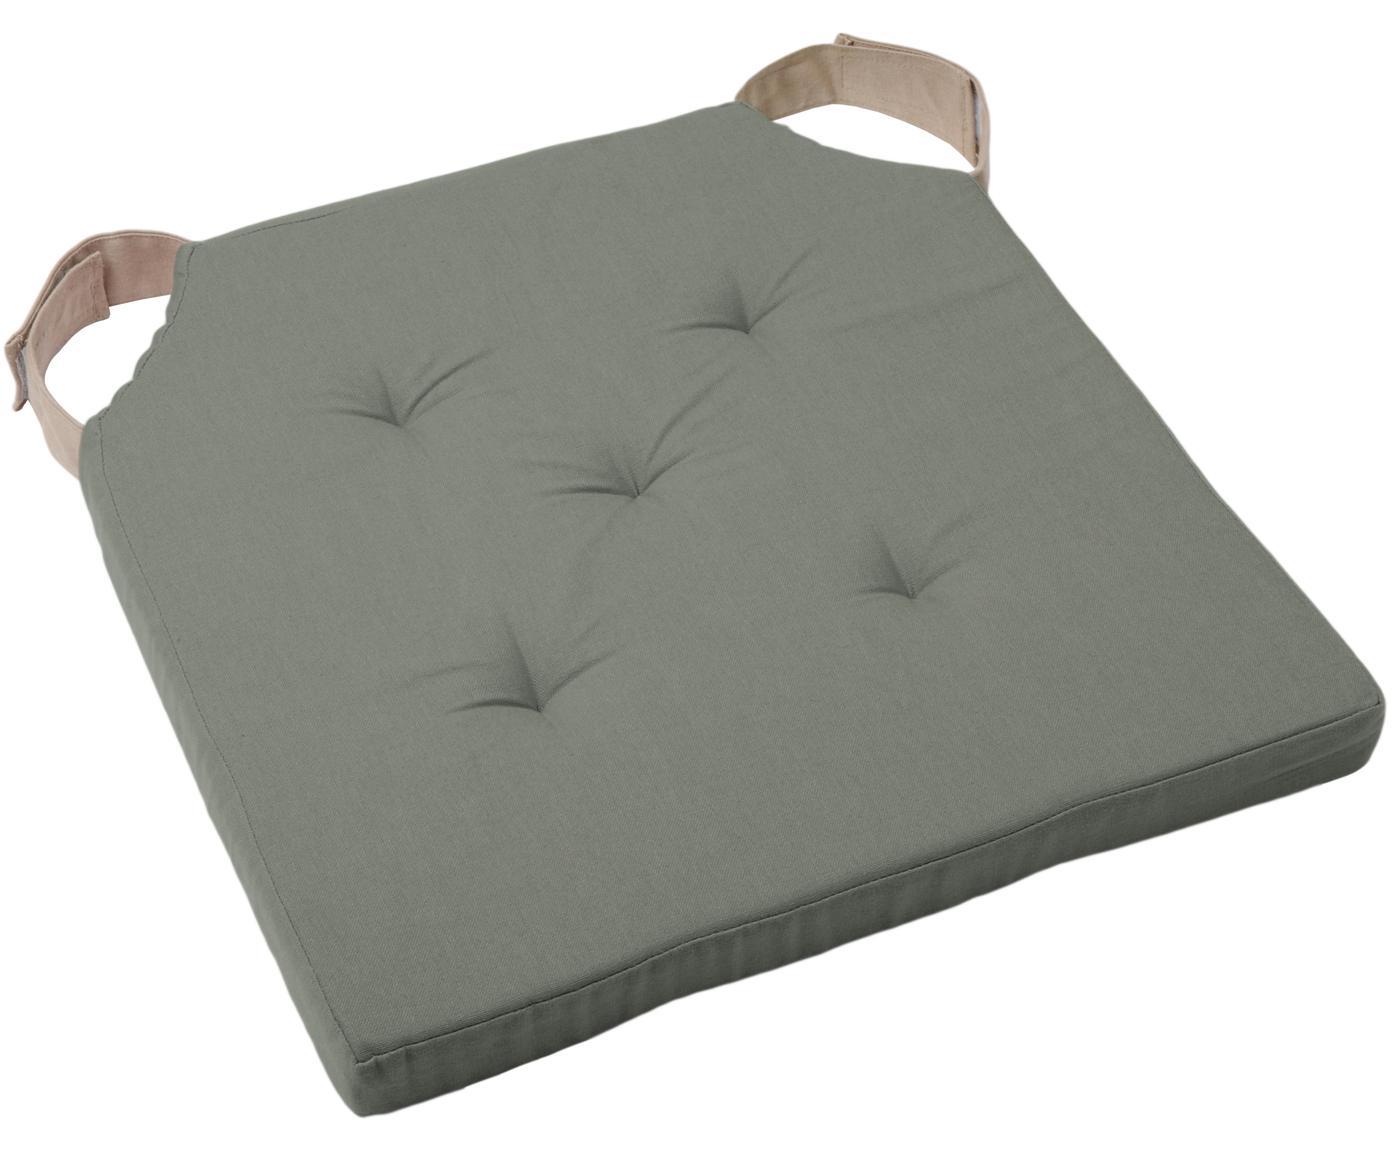 Poduszka na siedzisko Duo, Tapicerka: bawełna, Khaki, S 40 x D 40 cm